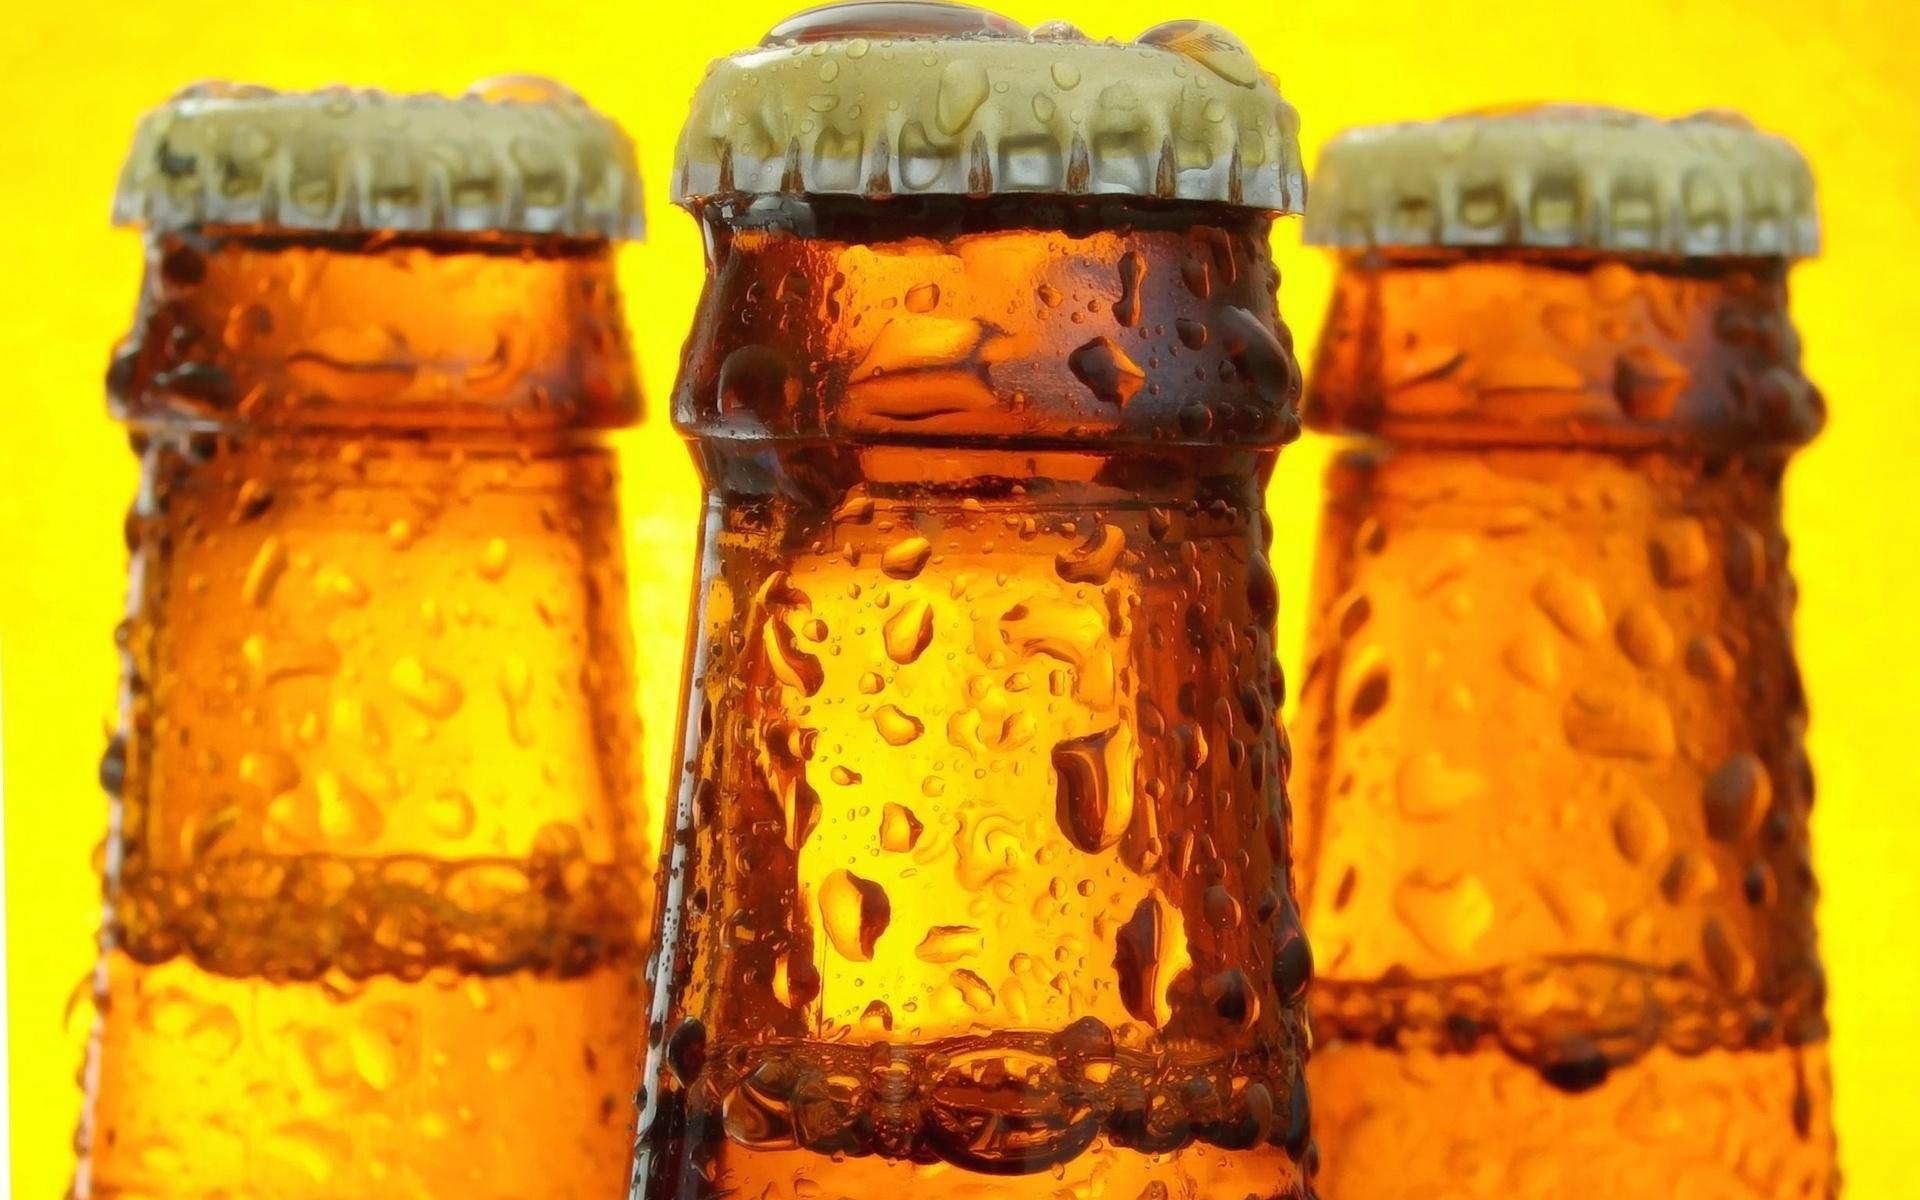 Картинки Бутылки, стеклянная крышка, мокрый, капельки фото и обои на рабочий стол